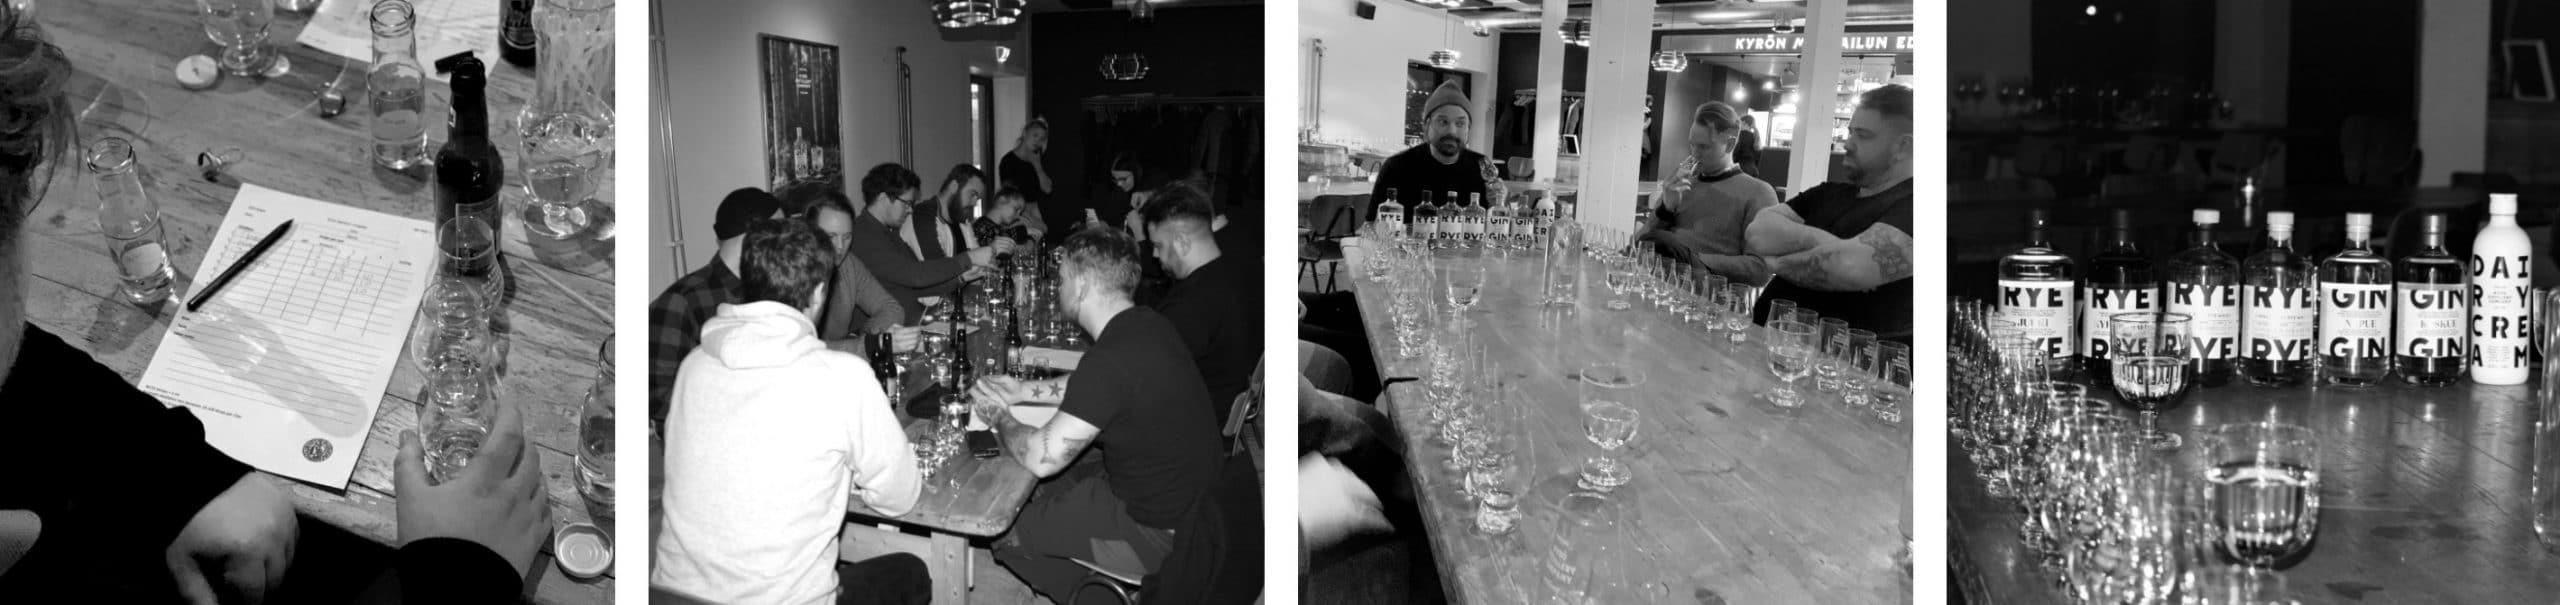 Whisky og gin smagning I Kyrö baren